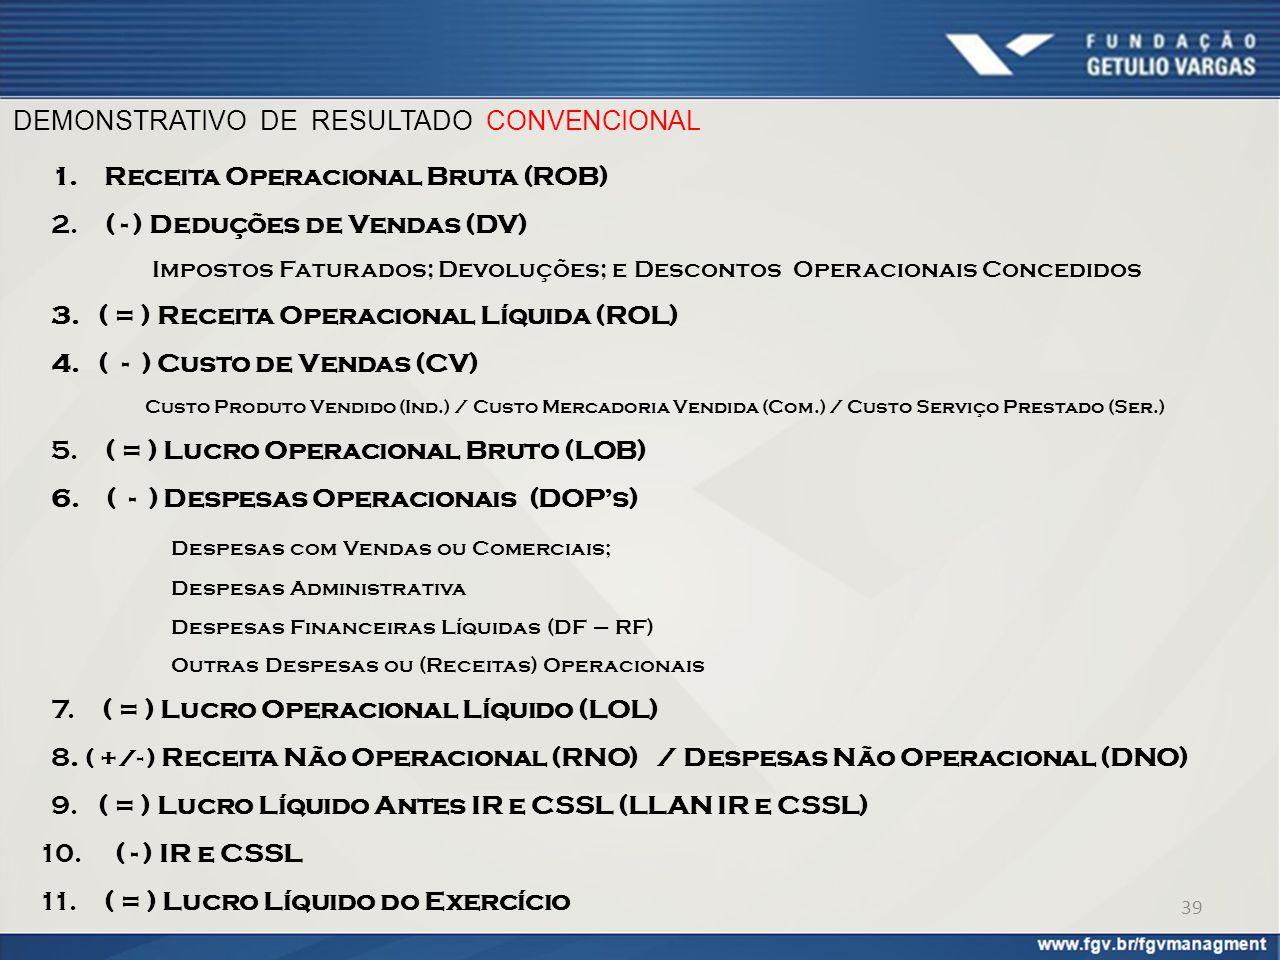 DEMONSTRATIVO DE RESULTADO CONVENCIONAL